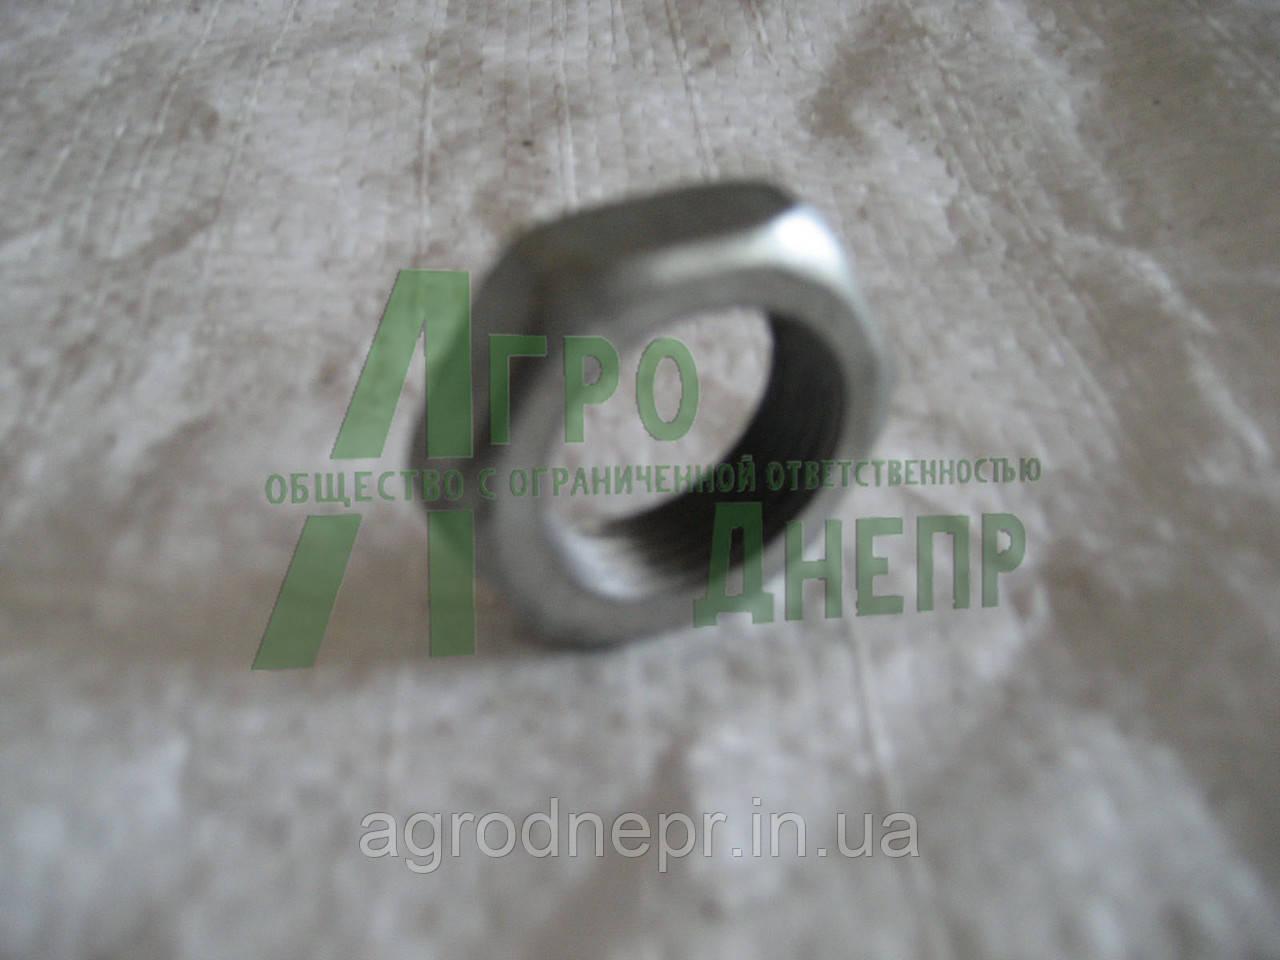 Гайка маховика ПД-10 Д24-047-А